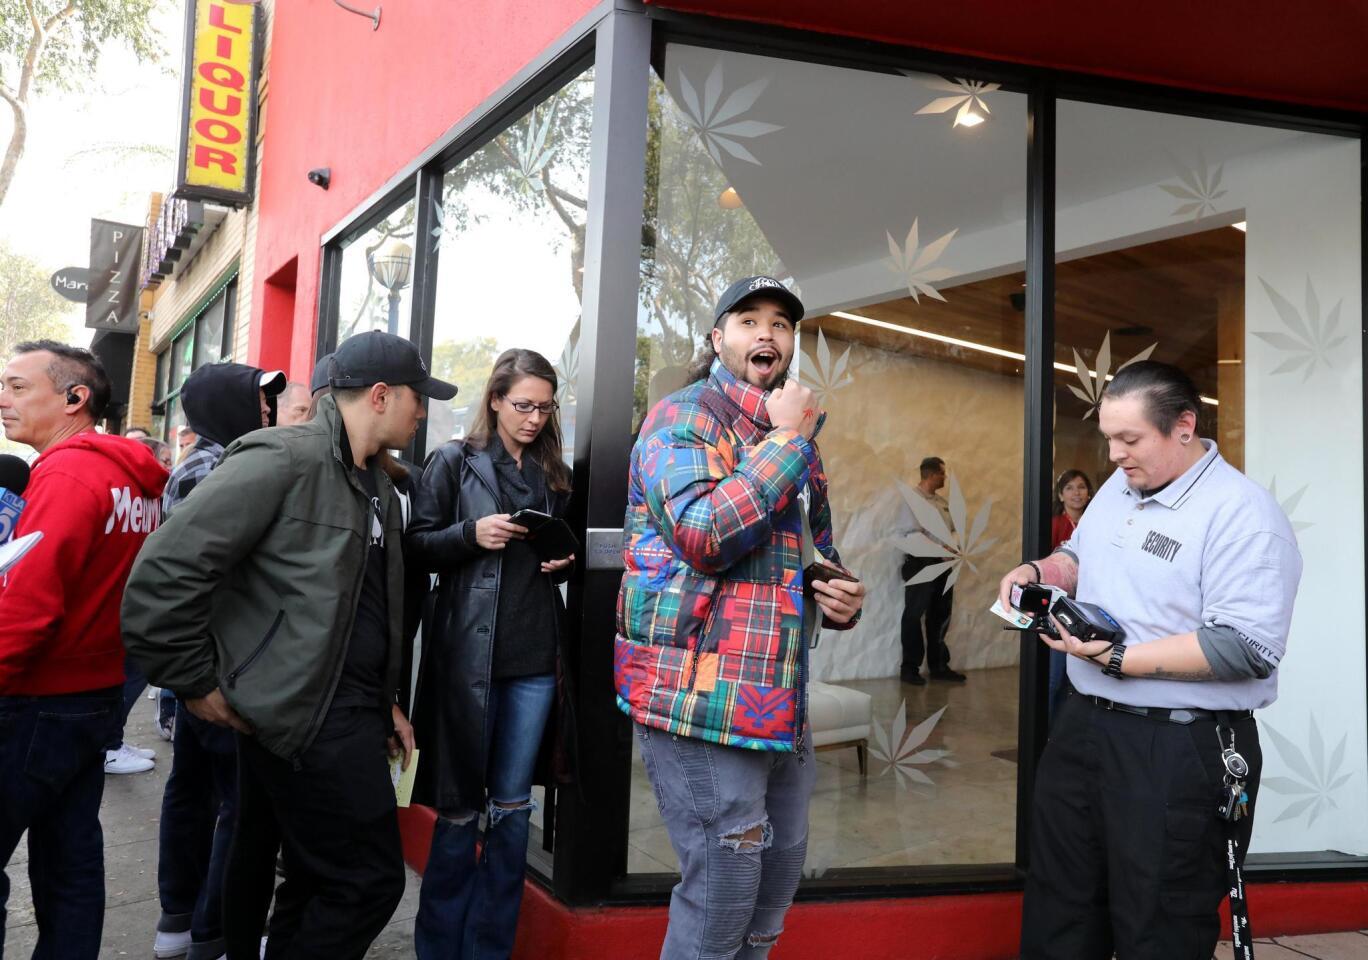 Josh De La Cruz (c) reacciona después de haber escaneado su licencia de conducir para ser la primera persona autorizada en el dispensario MedMen para comprar productos de marihuana recreativa en West Hollywood, California.